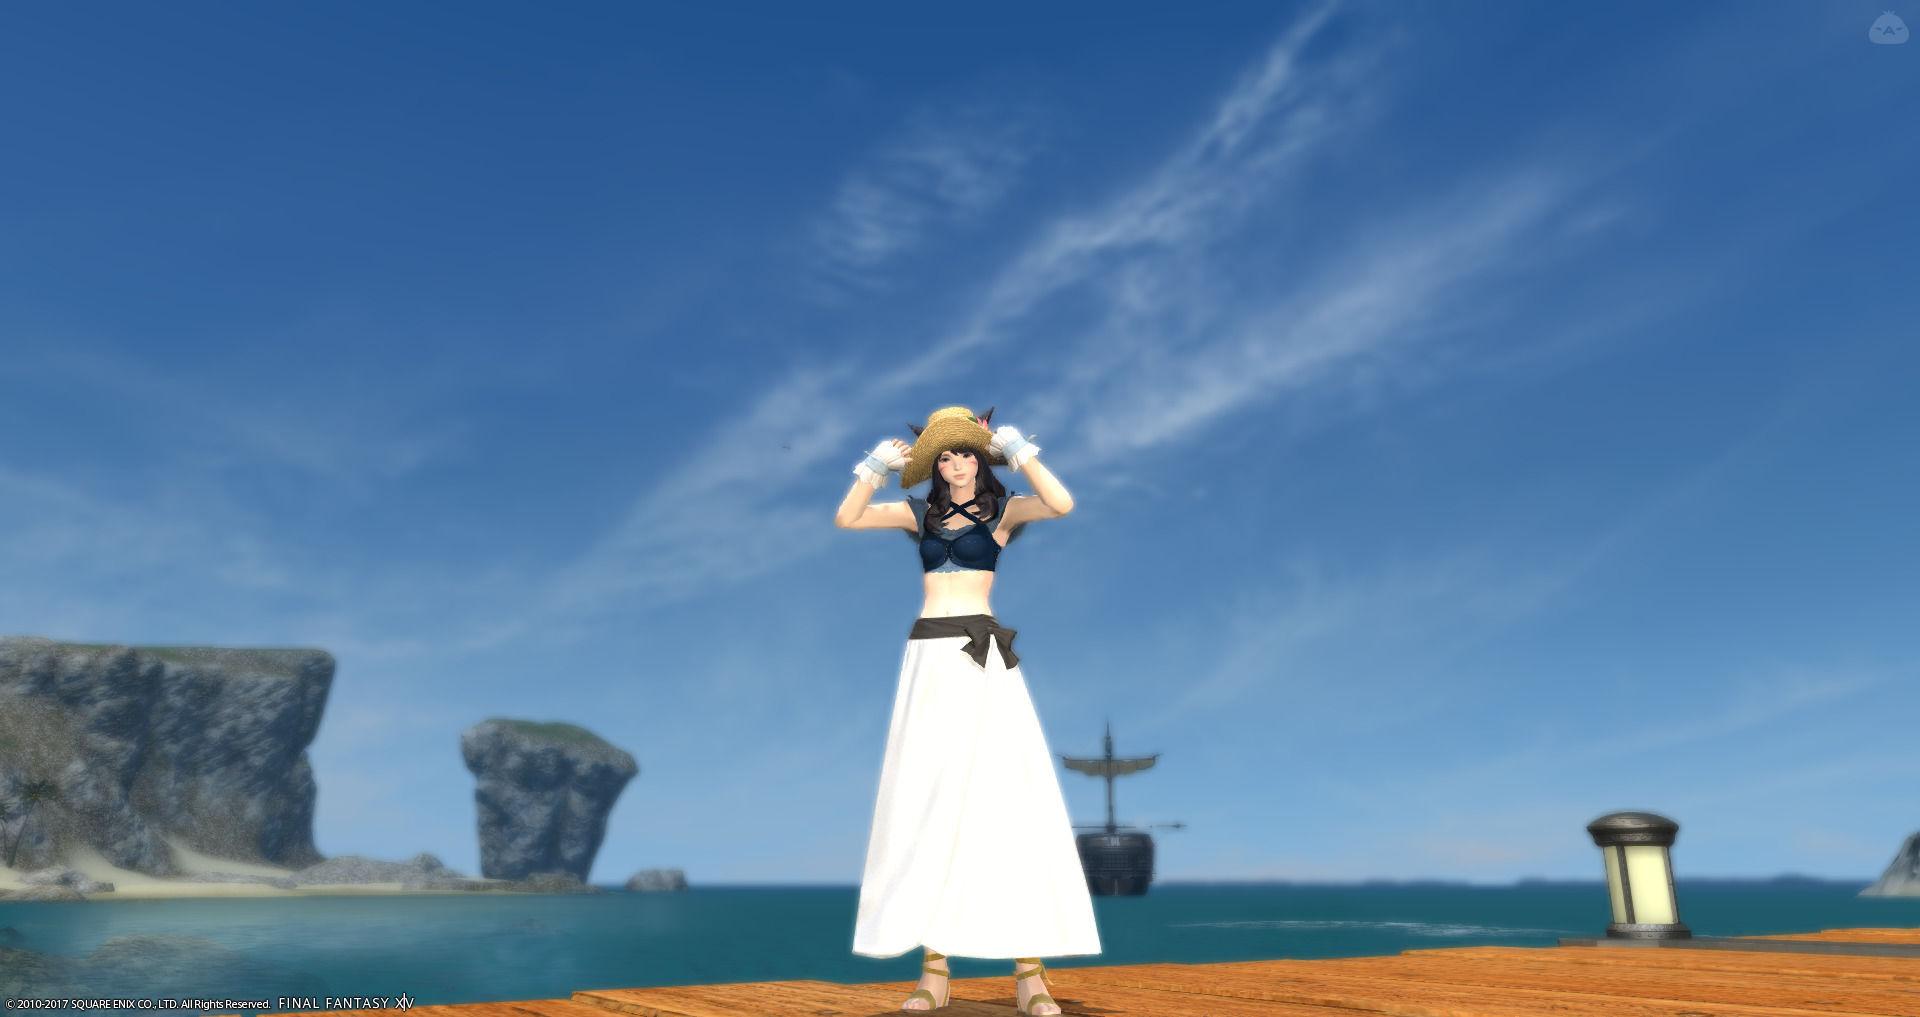 夏だ!海だ!ミラプリだ!